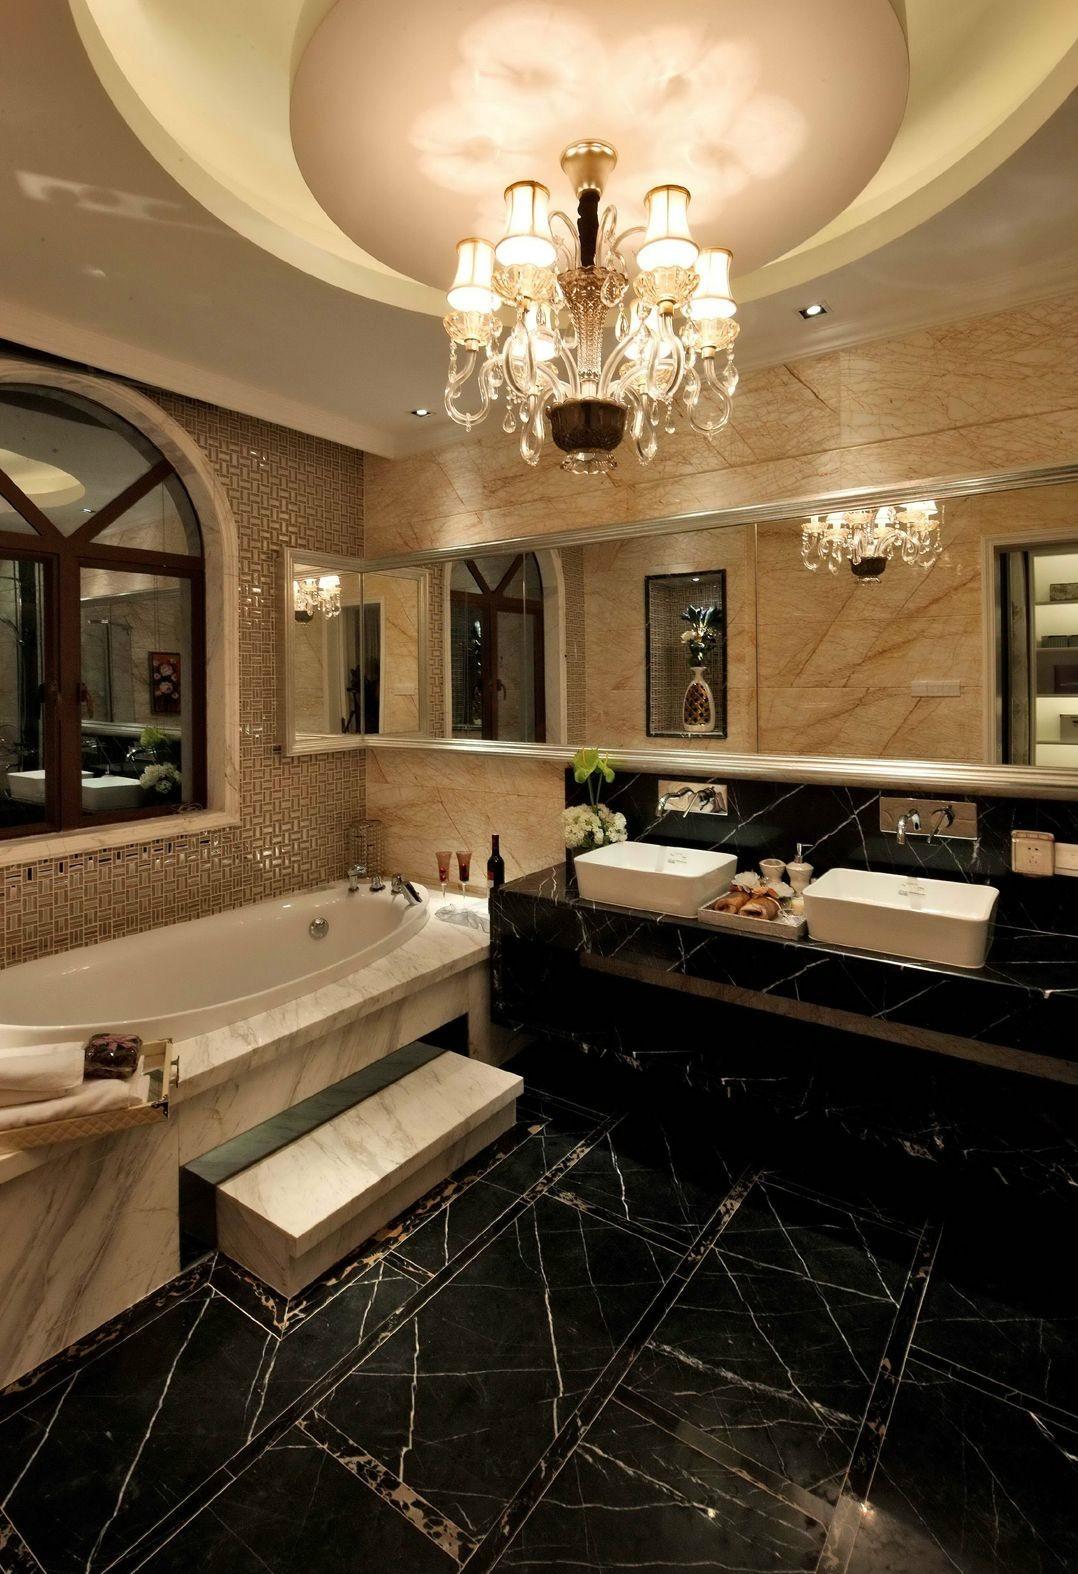 豪华欧式风格别墅卫生间装修效果图